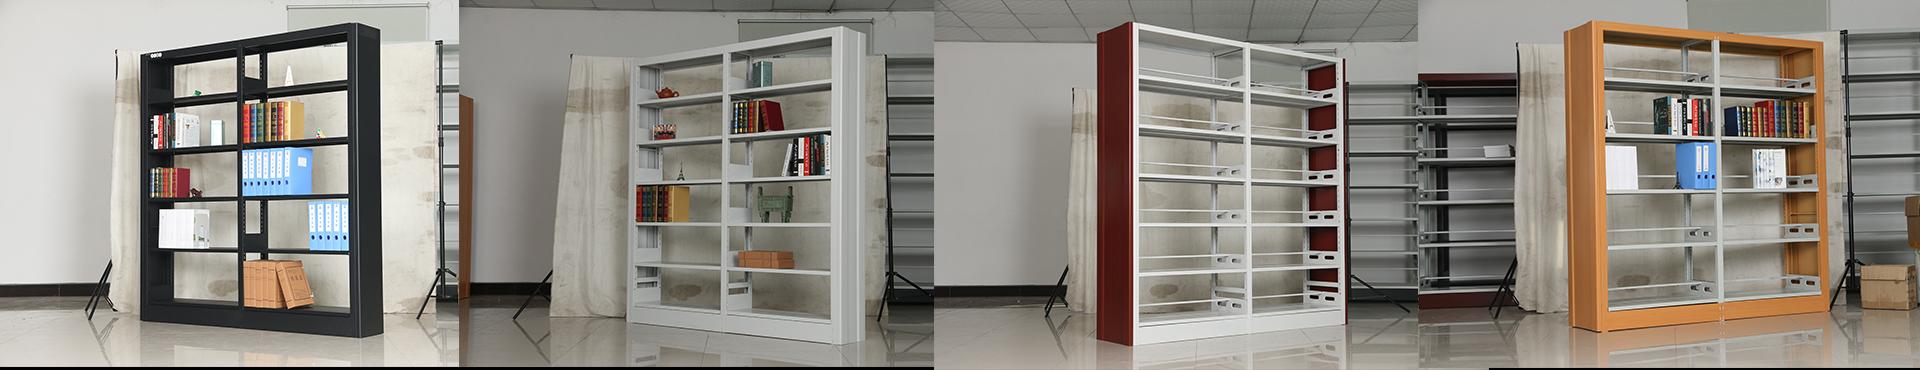 圖書館書架廠致力於為圖書館書架行業提供優質鐵書架